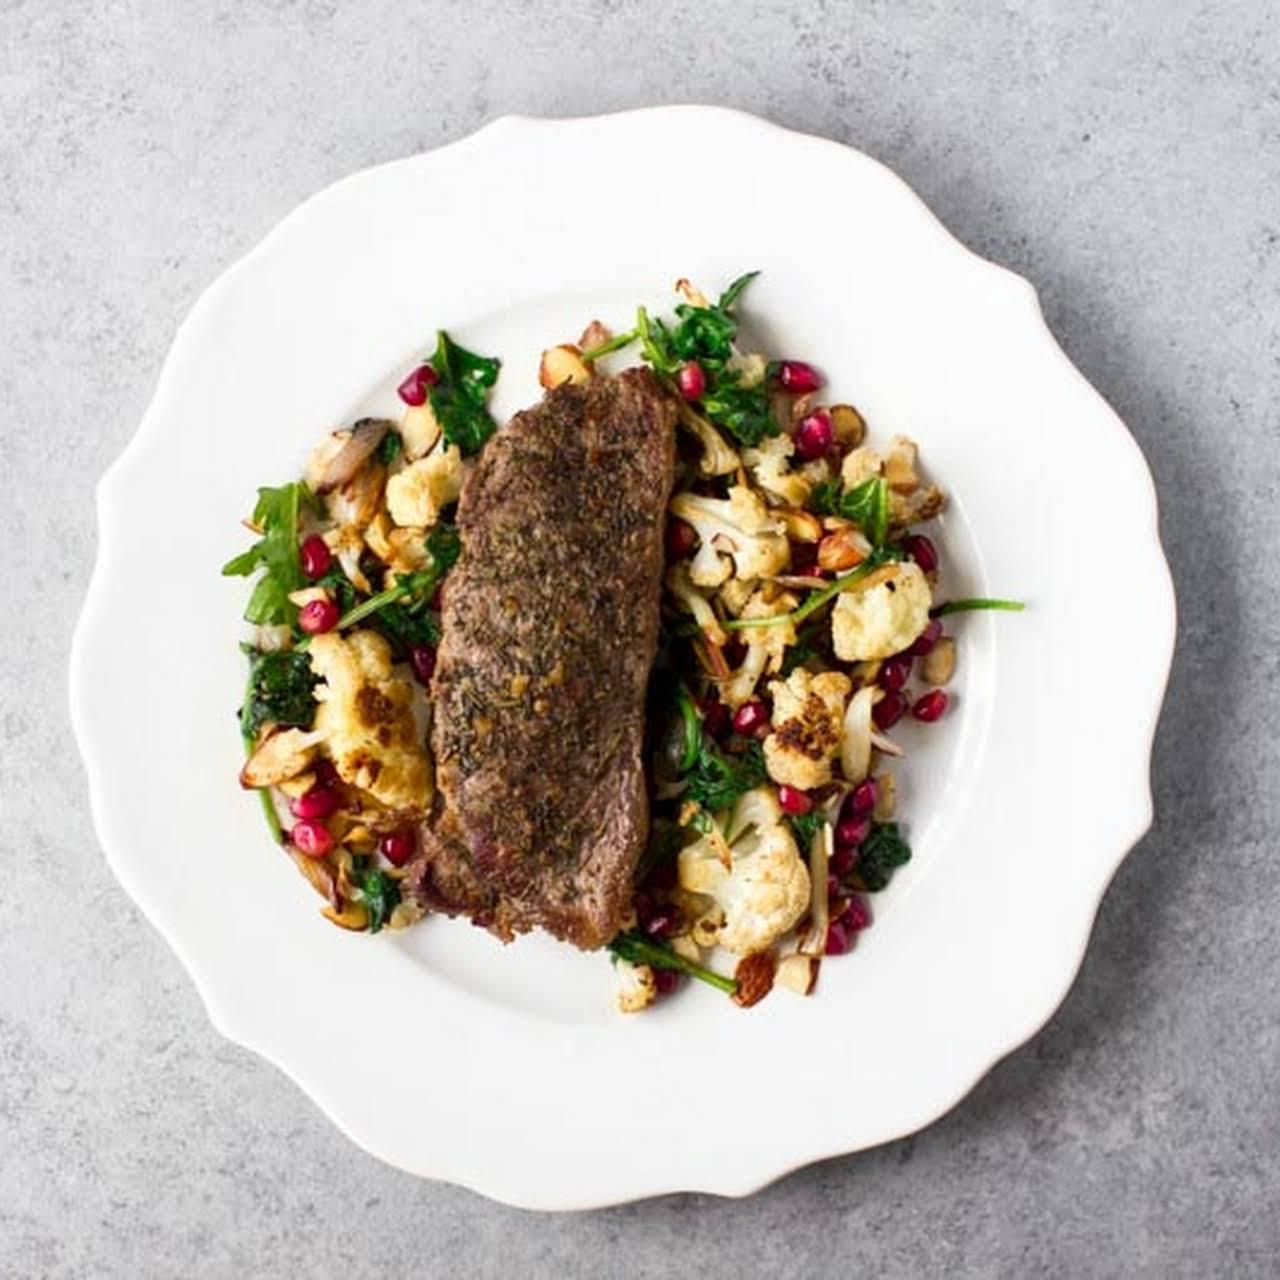 indulgent Steak Dinner For Two